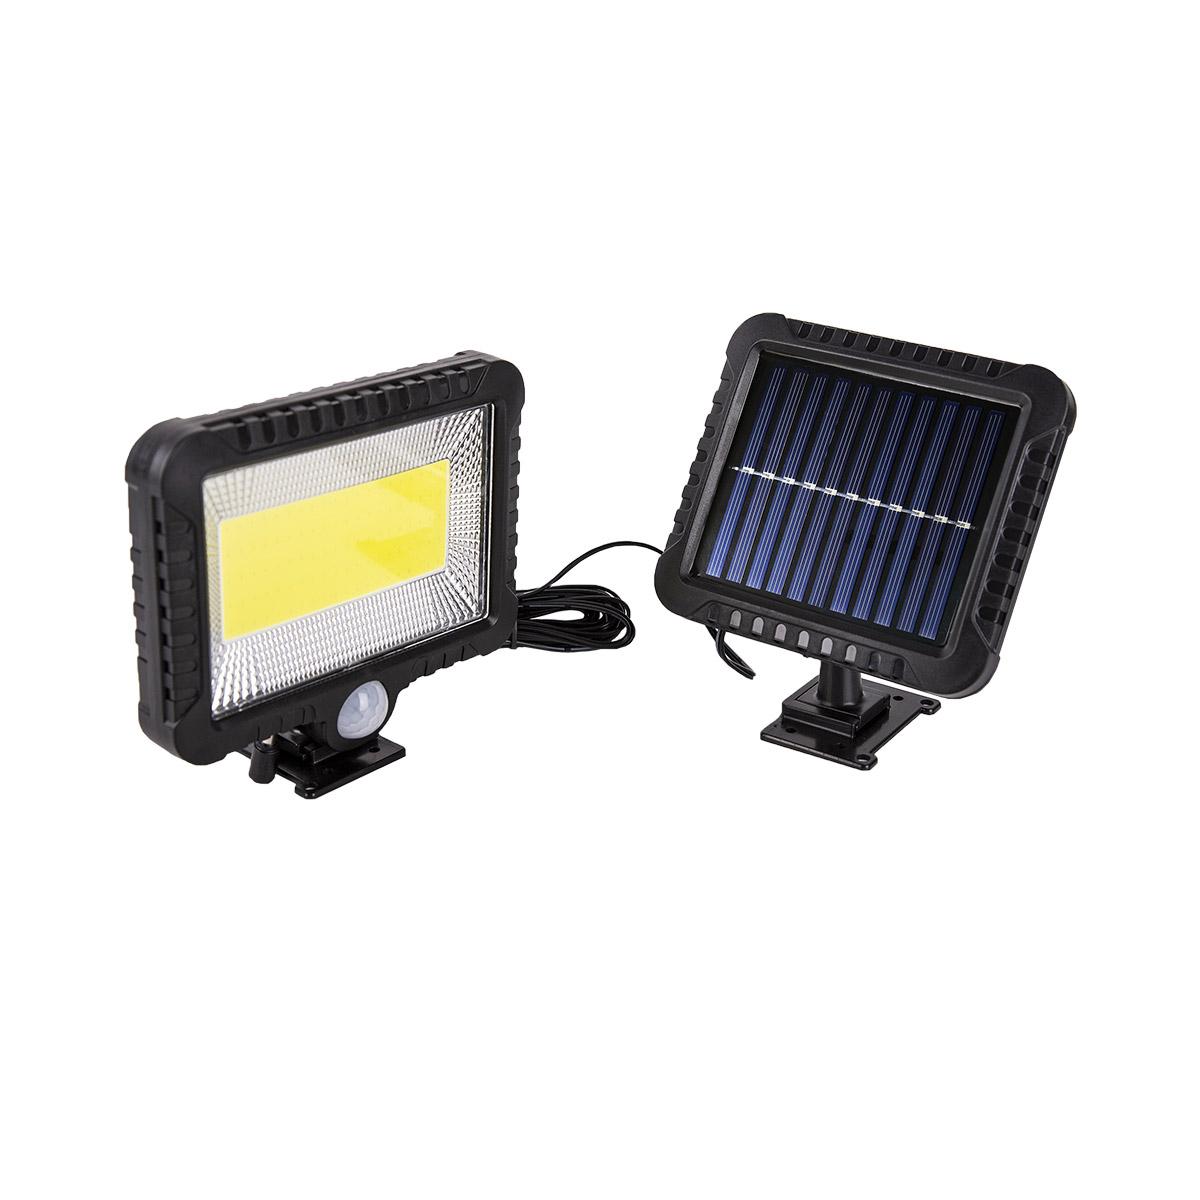 Projecteur solaire extérieur avec détecteur de mouvement